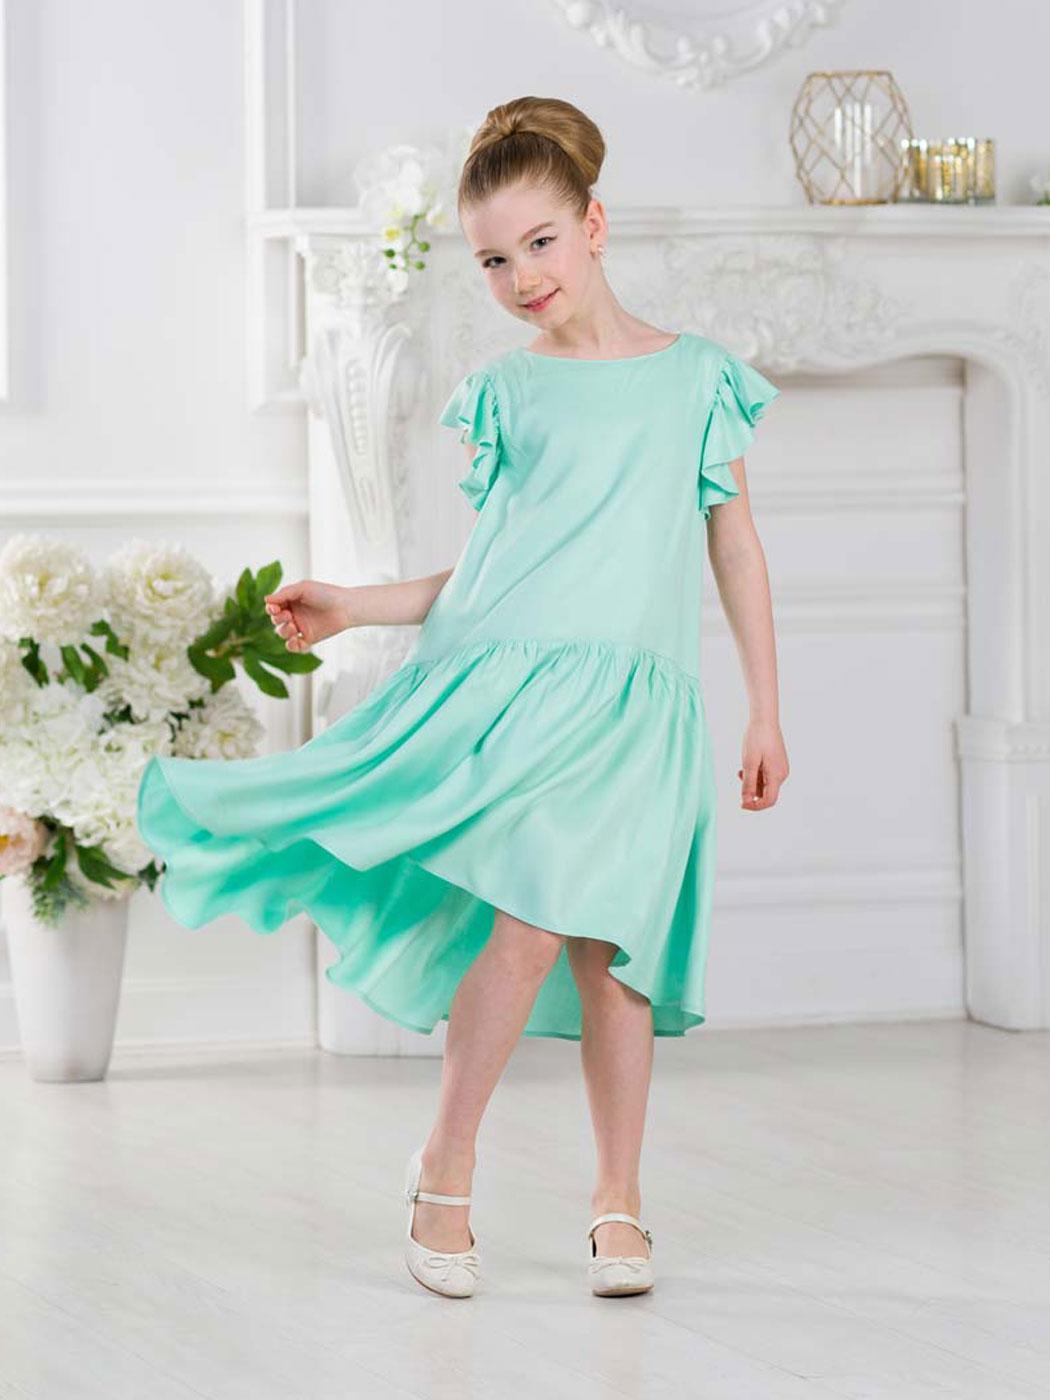 f37425af779 Детское платье «Вдохновение» бирюзовое от интернет-магазина одежды для девочек  Красавушка